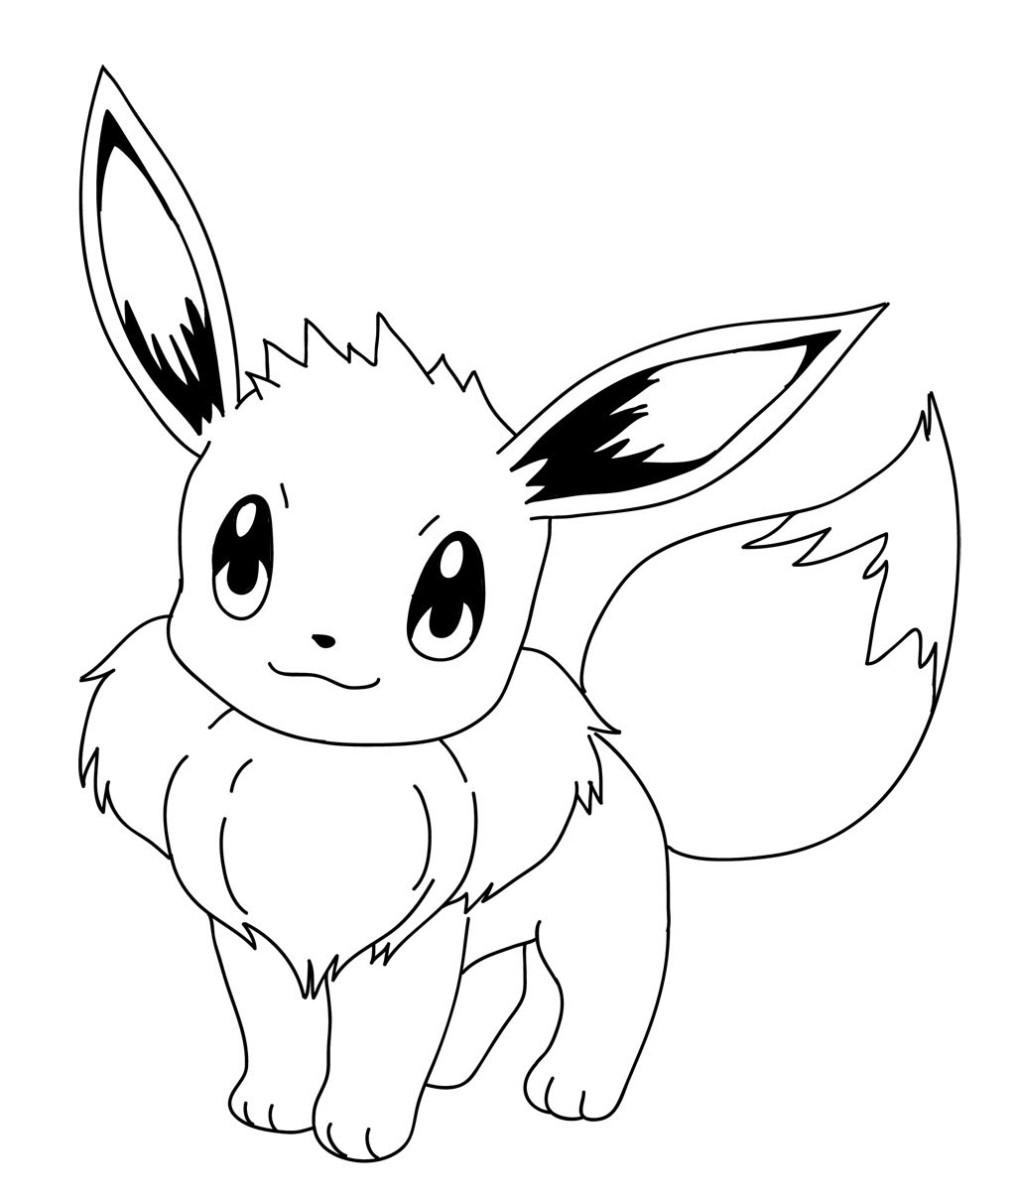 mau-tranh-to-mau-pokemon-dep-duoc-cac-ban-nho